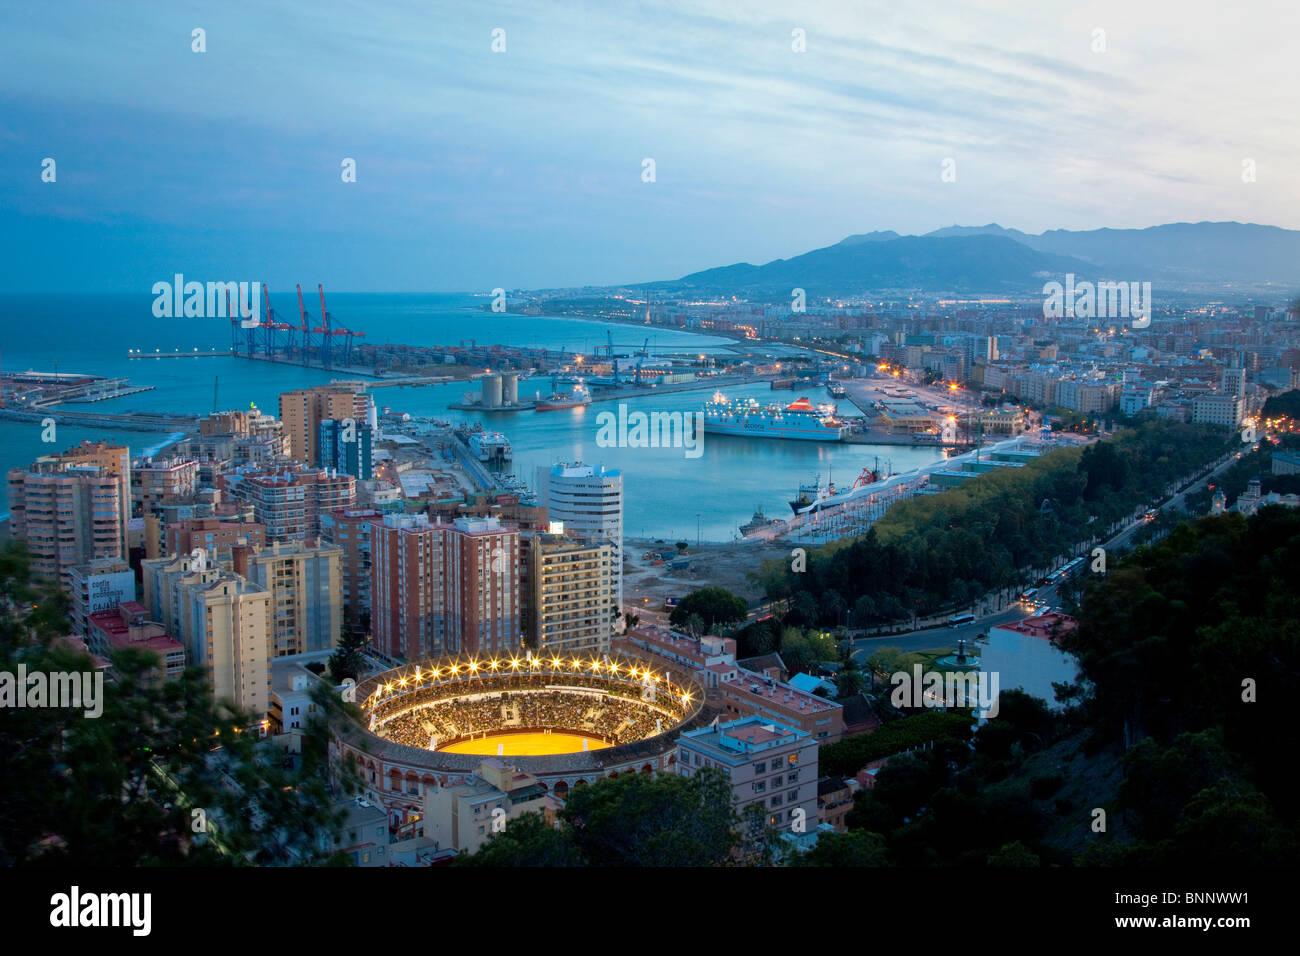 Espagne Catalogne Barcelone l'eau nuit harbour port bateaux arène arena andalousie espagne vacances tourisme Photo Stock